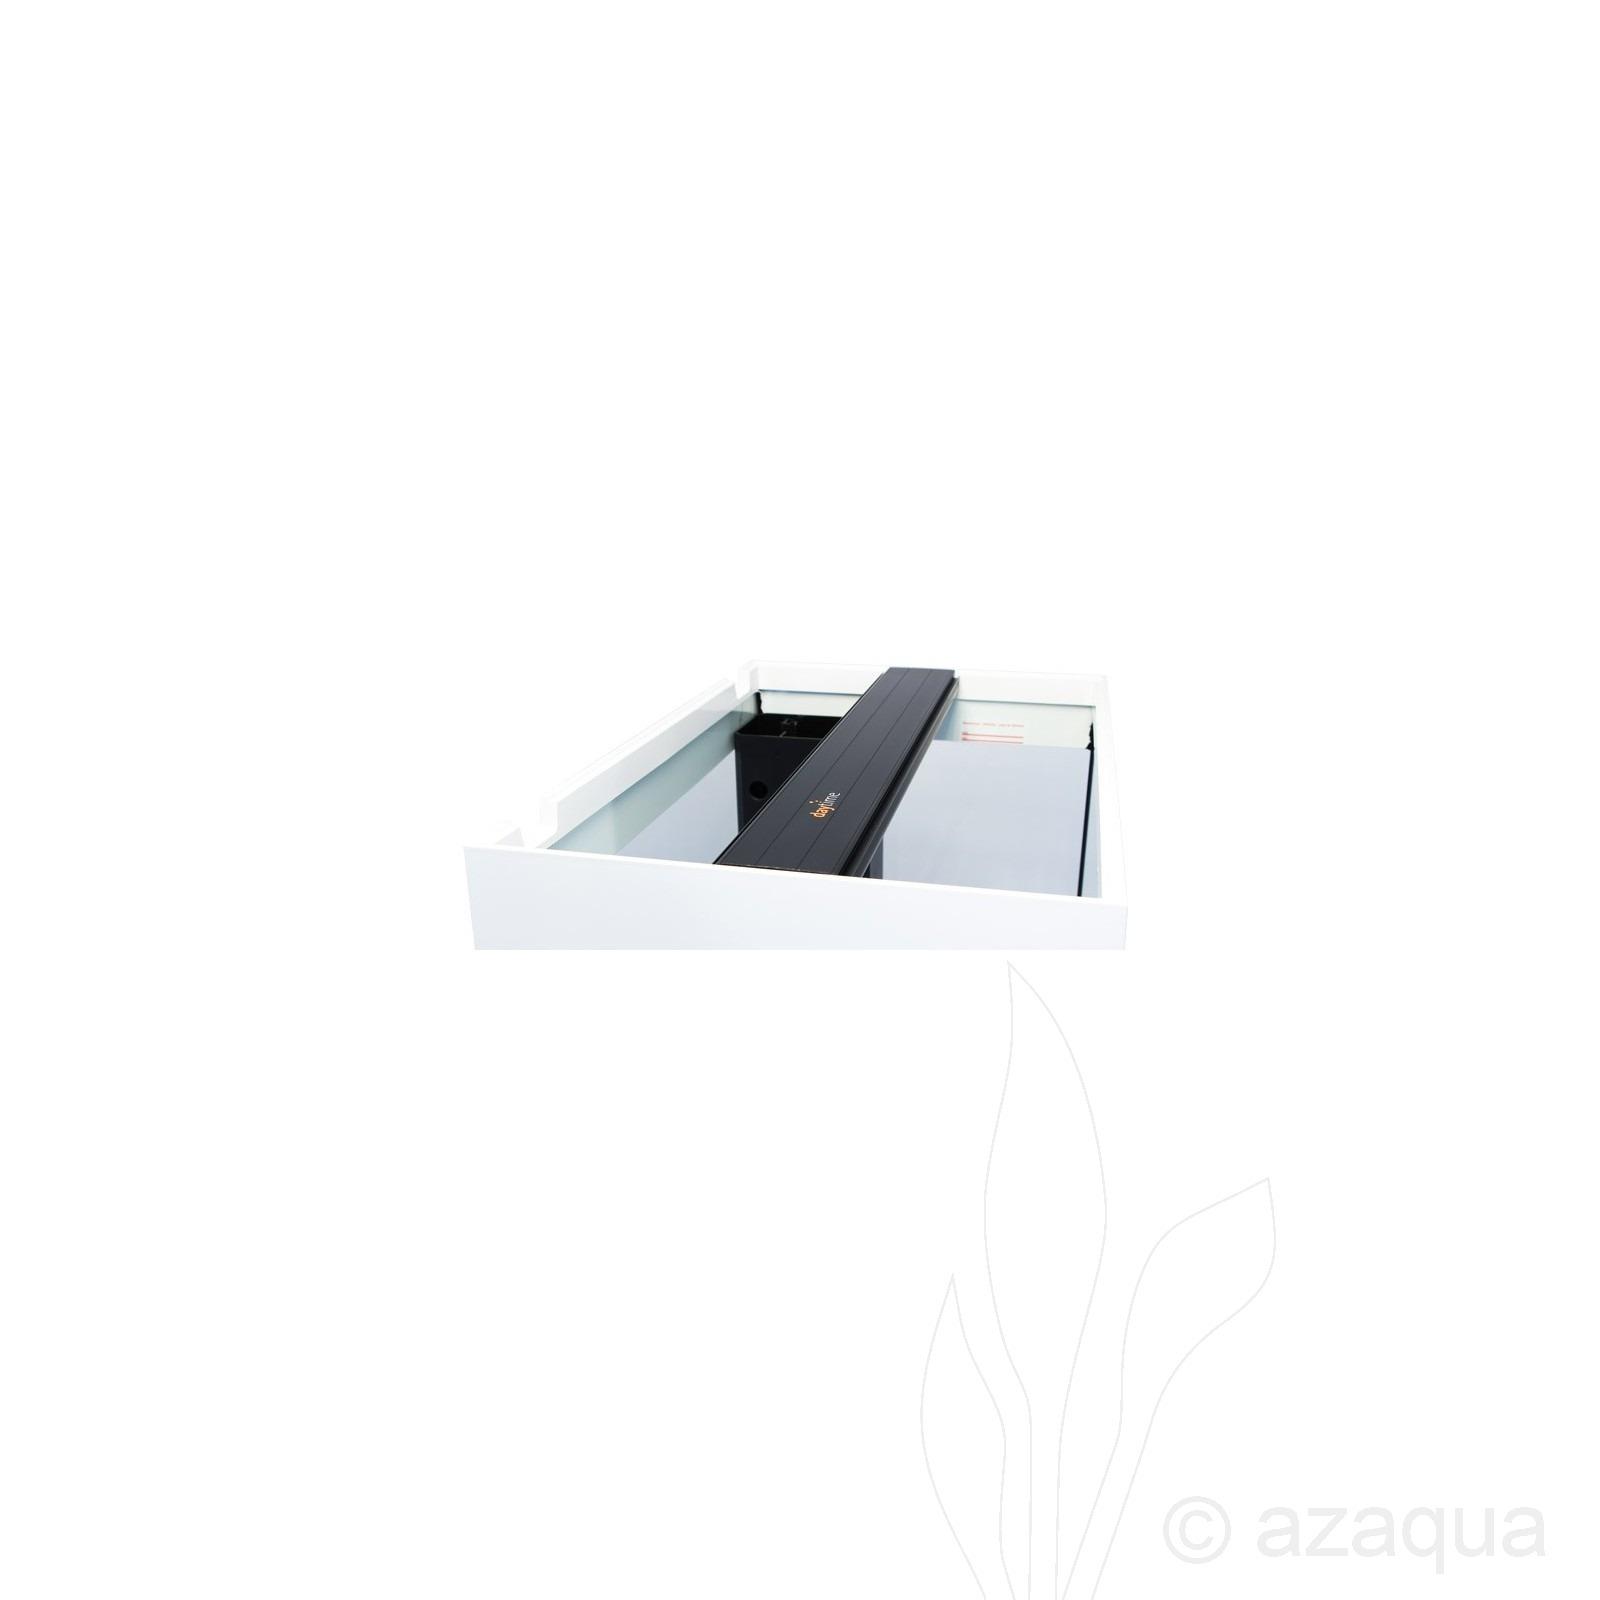 Daytime adapter profile voor JUWEL aquarium - Bestaande verlichitng vervangen voor LED verlichting